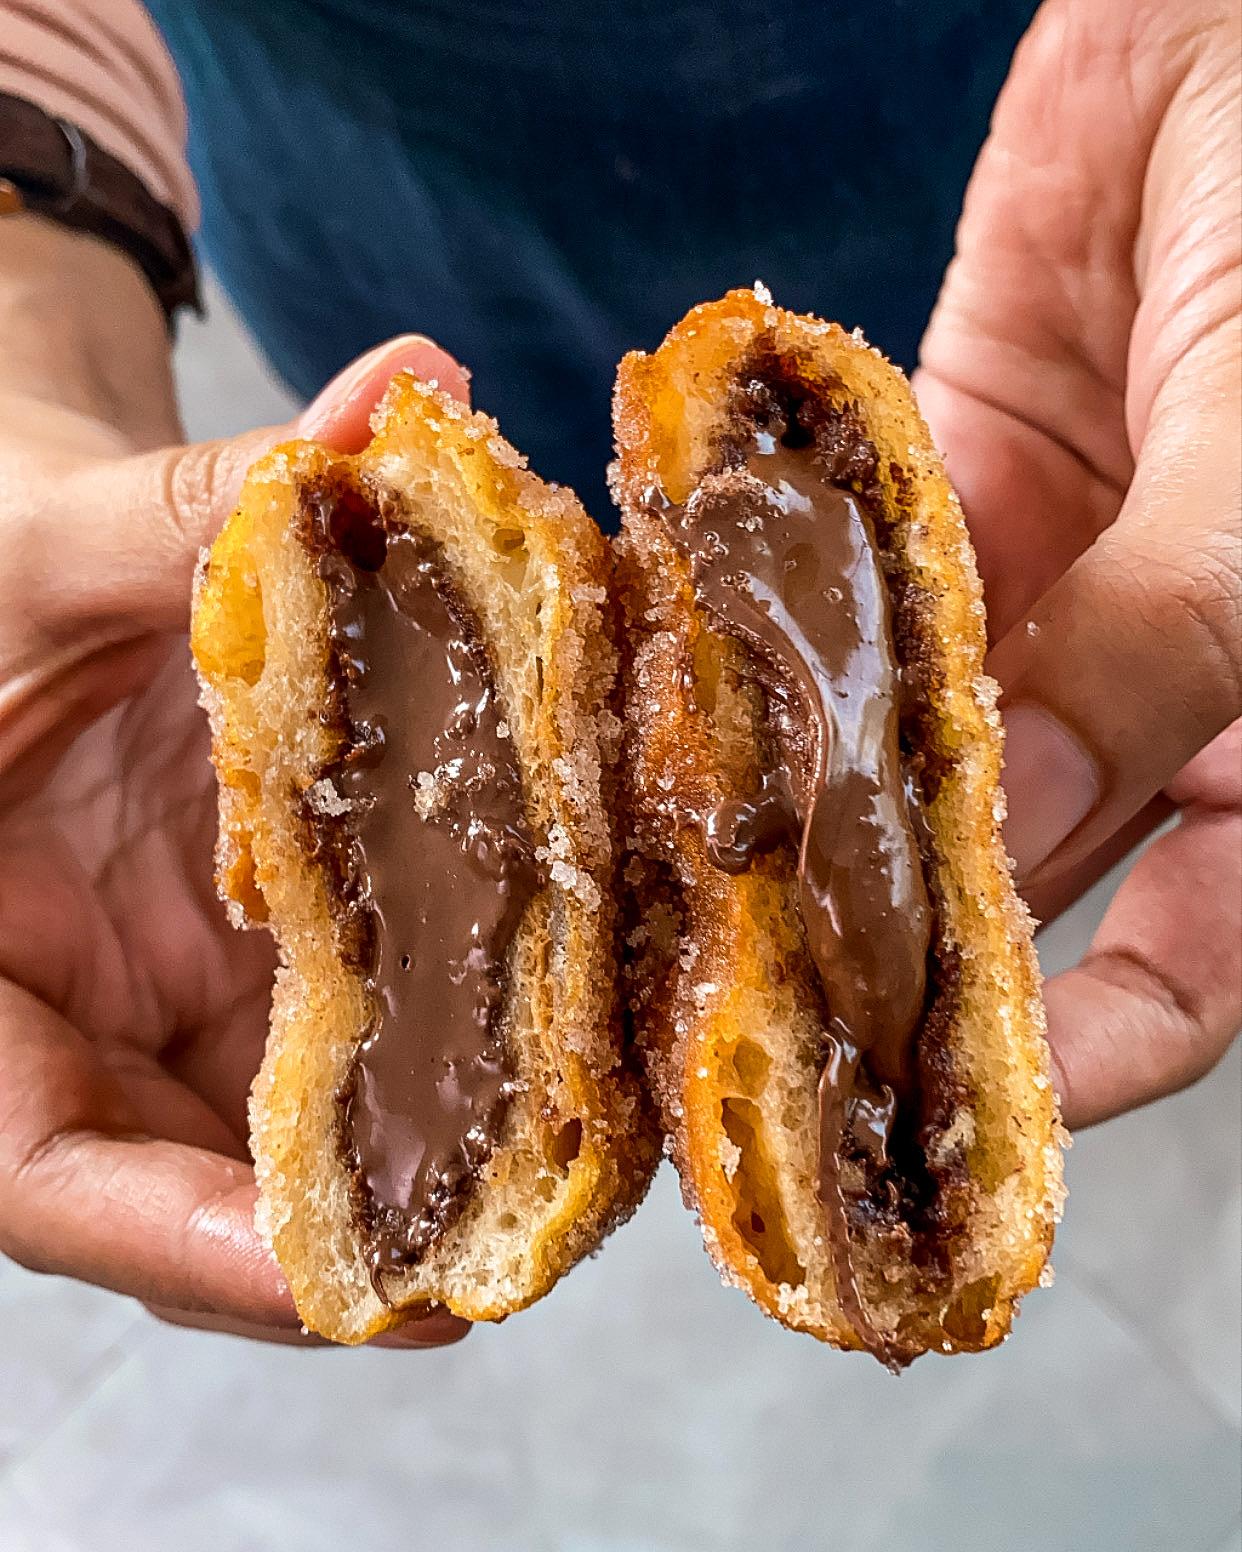 fried nutella sandwich